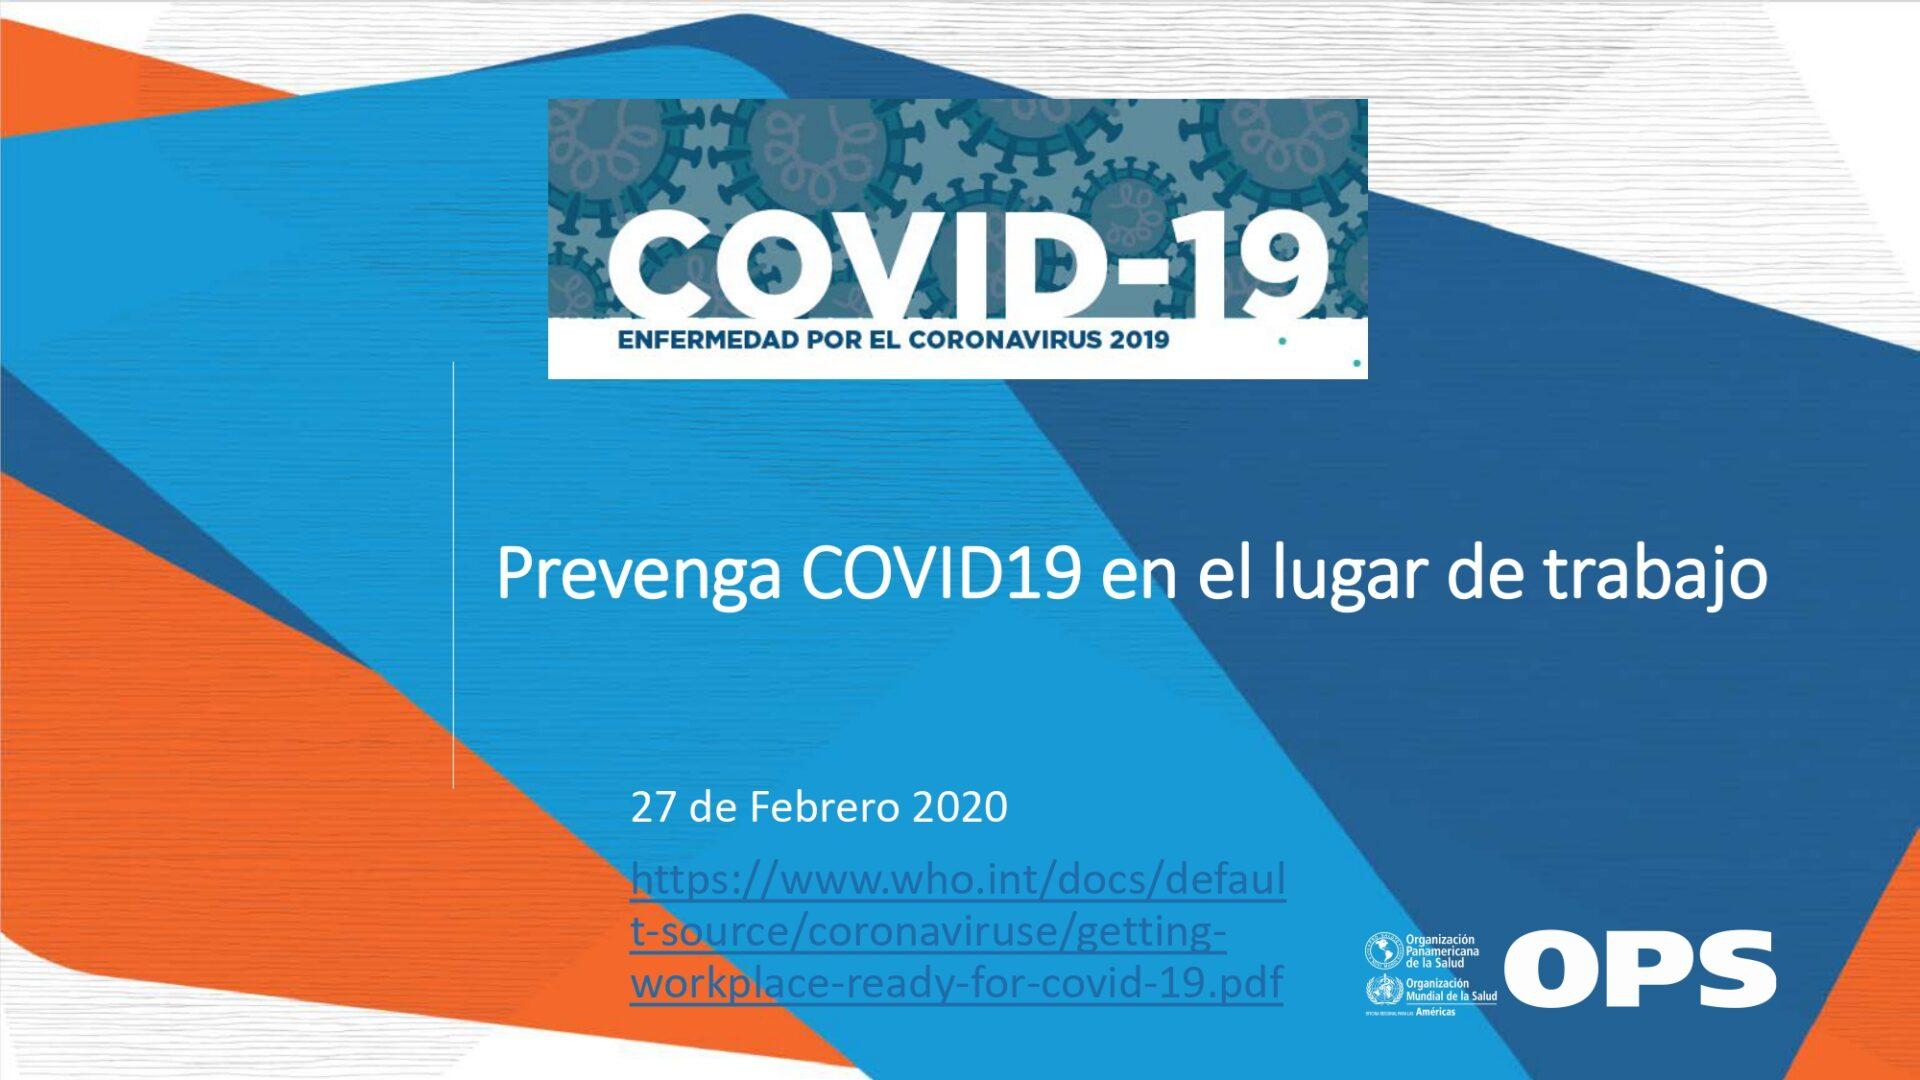 prevencion-covid19-lugar-trabajo_page-0001.jpg